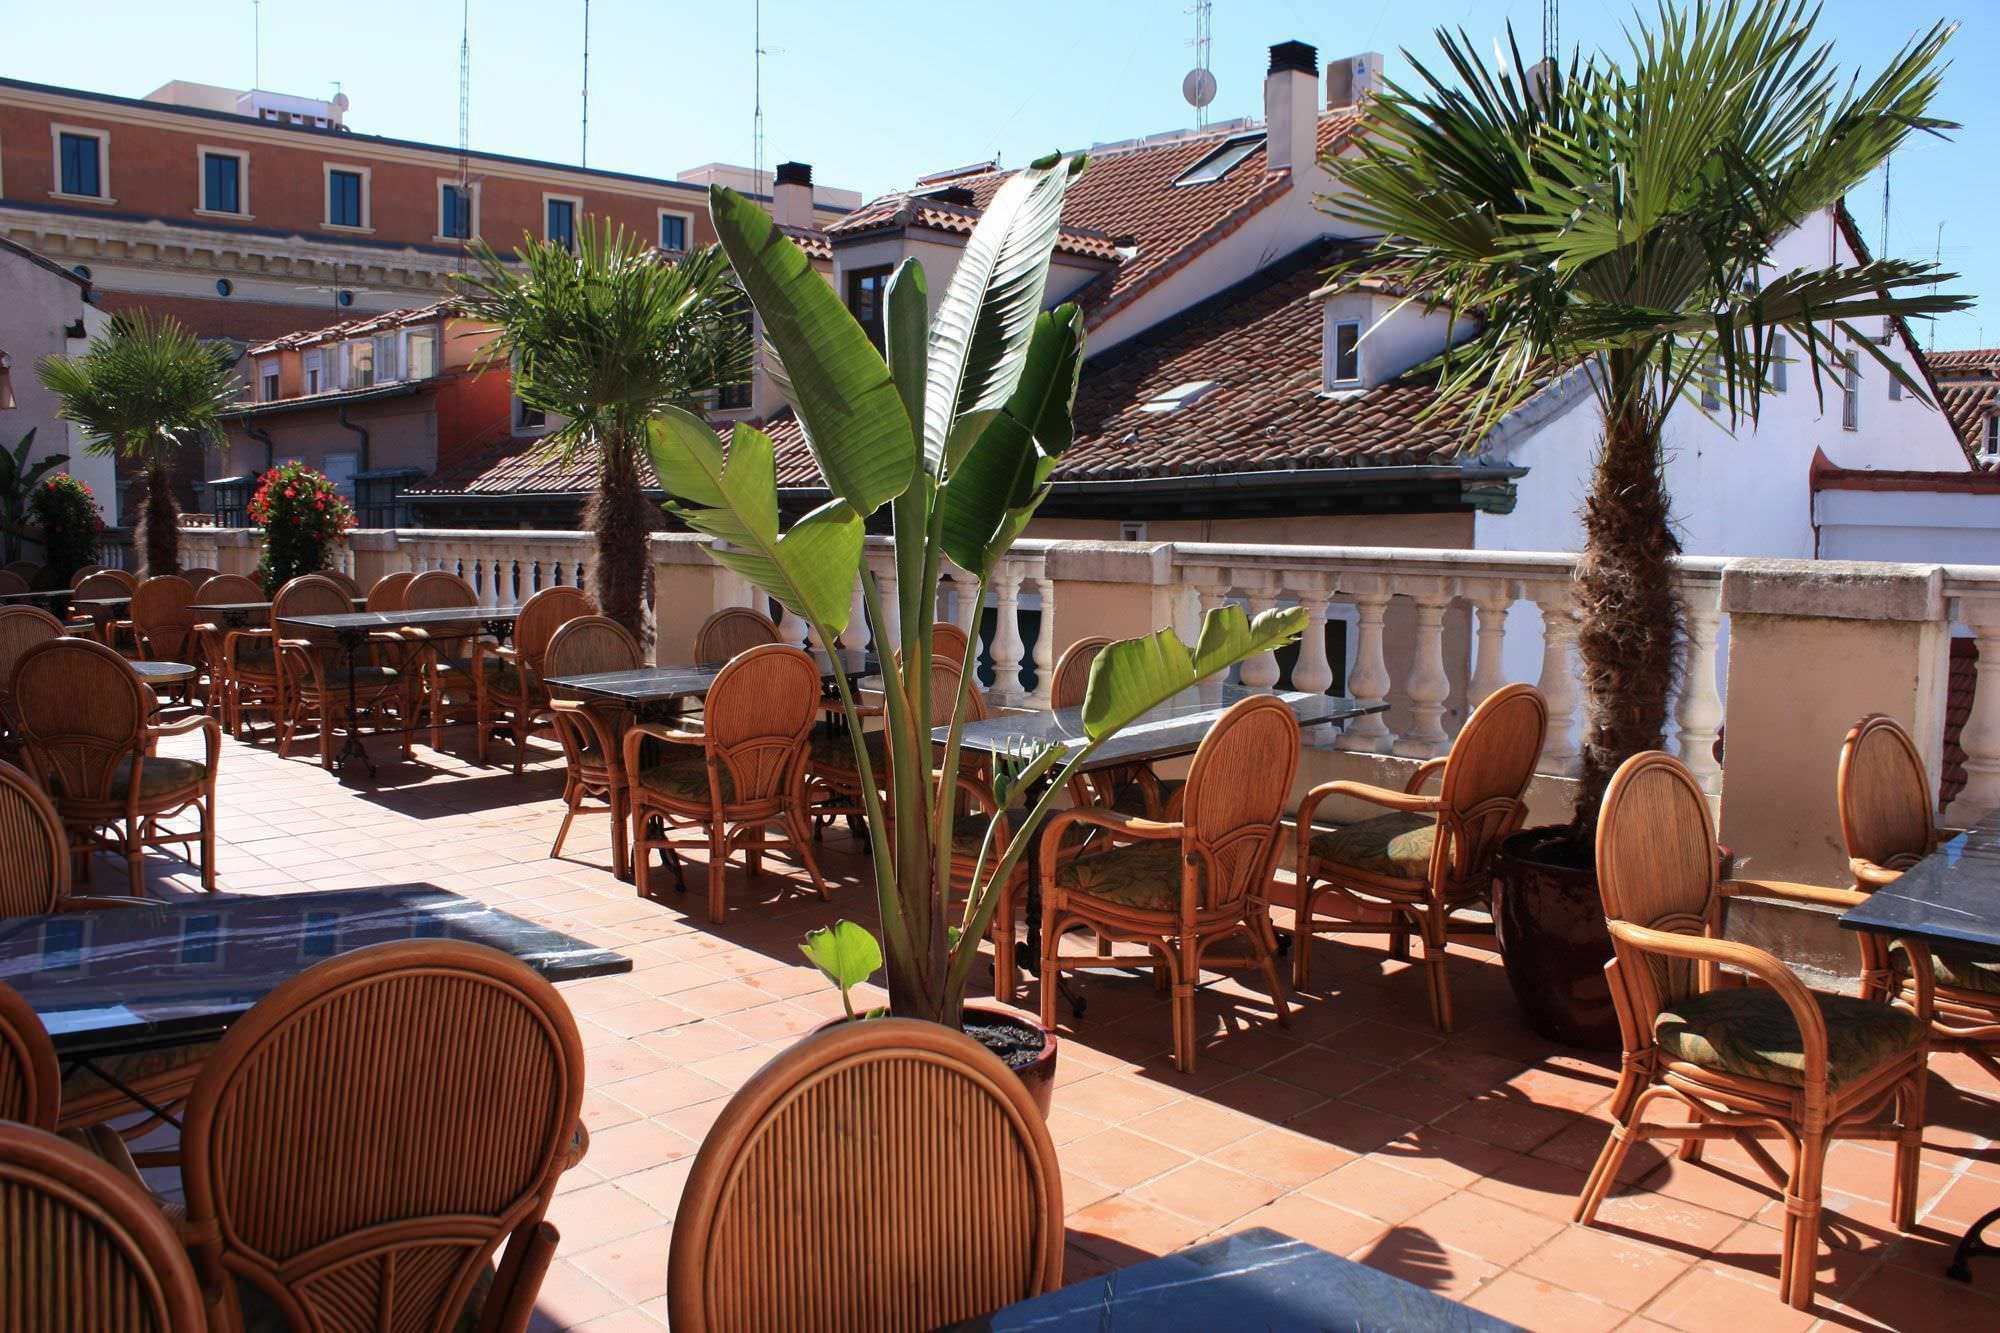 Las mejores terrazas de madrid - Fotos de terrazas ...